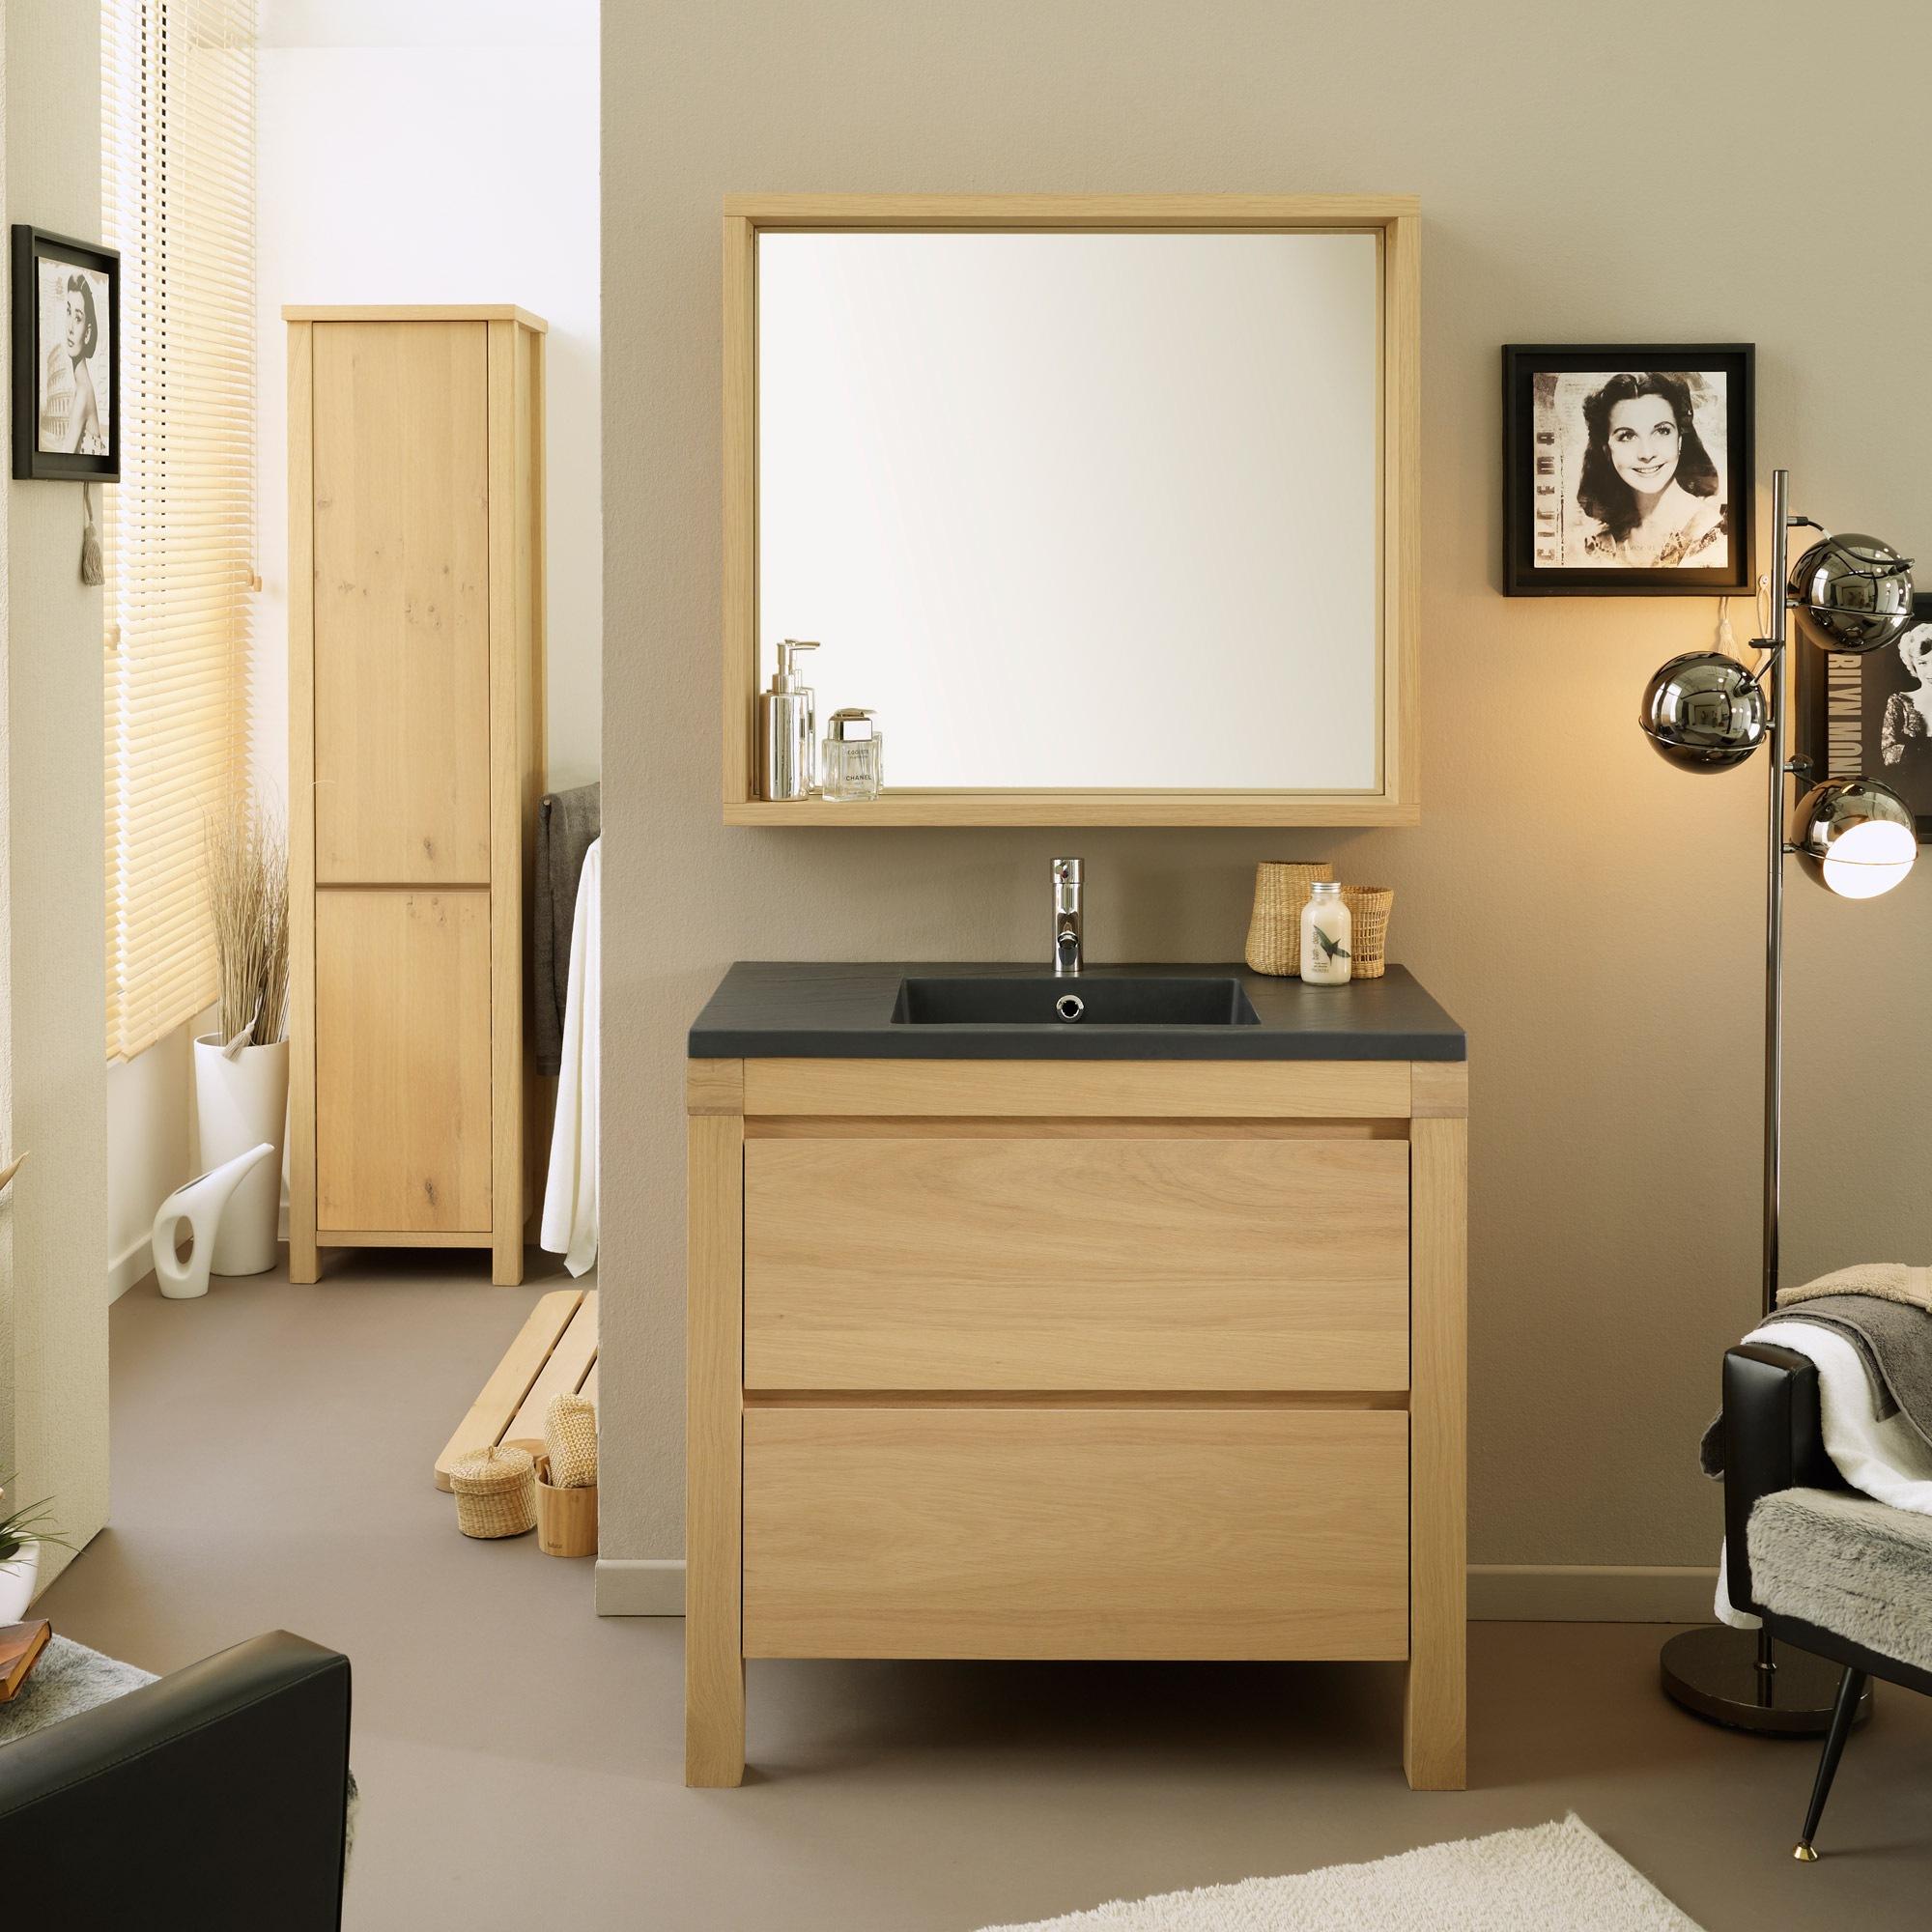 Miroir De Salle De Bain Ikea Impressionnant Galerie Armoire Salle De Bain Miroir Best Ikea Meubles Salle De Bain Vasque